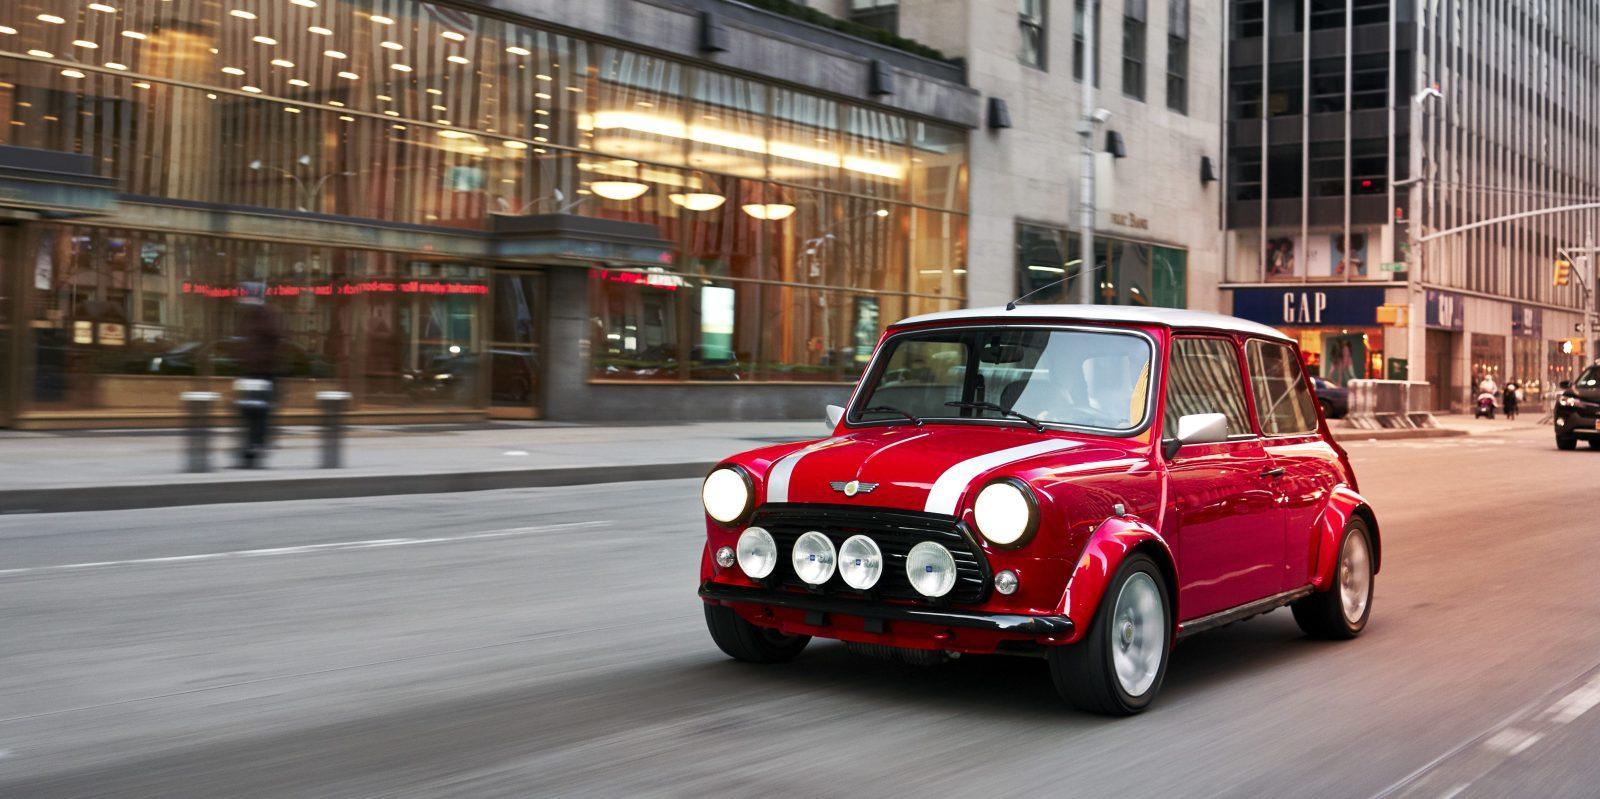 宝马英国工厂年底投产新款MINI电动汽车